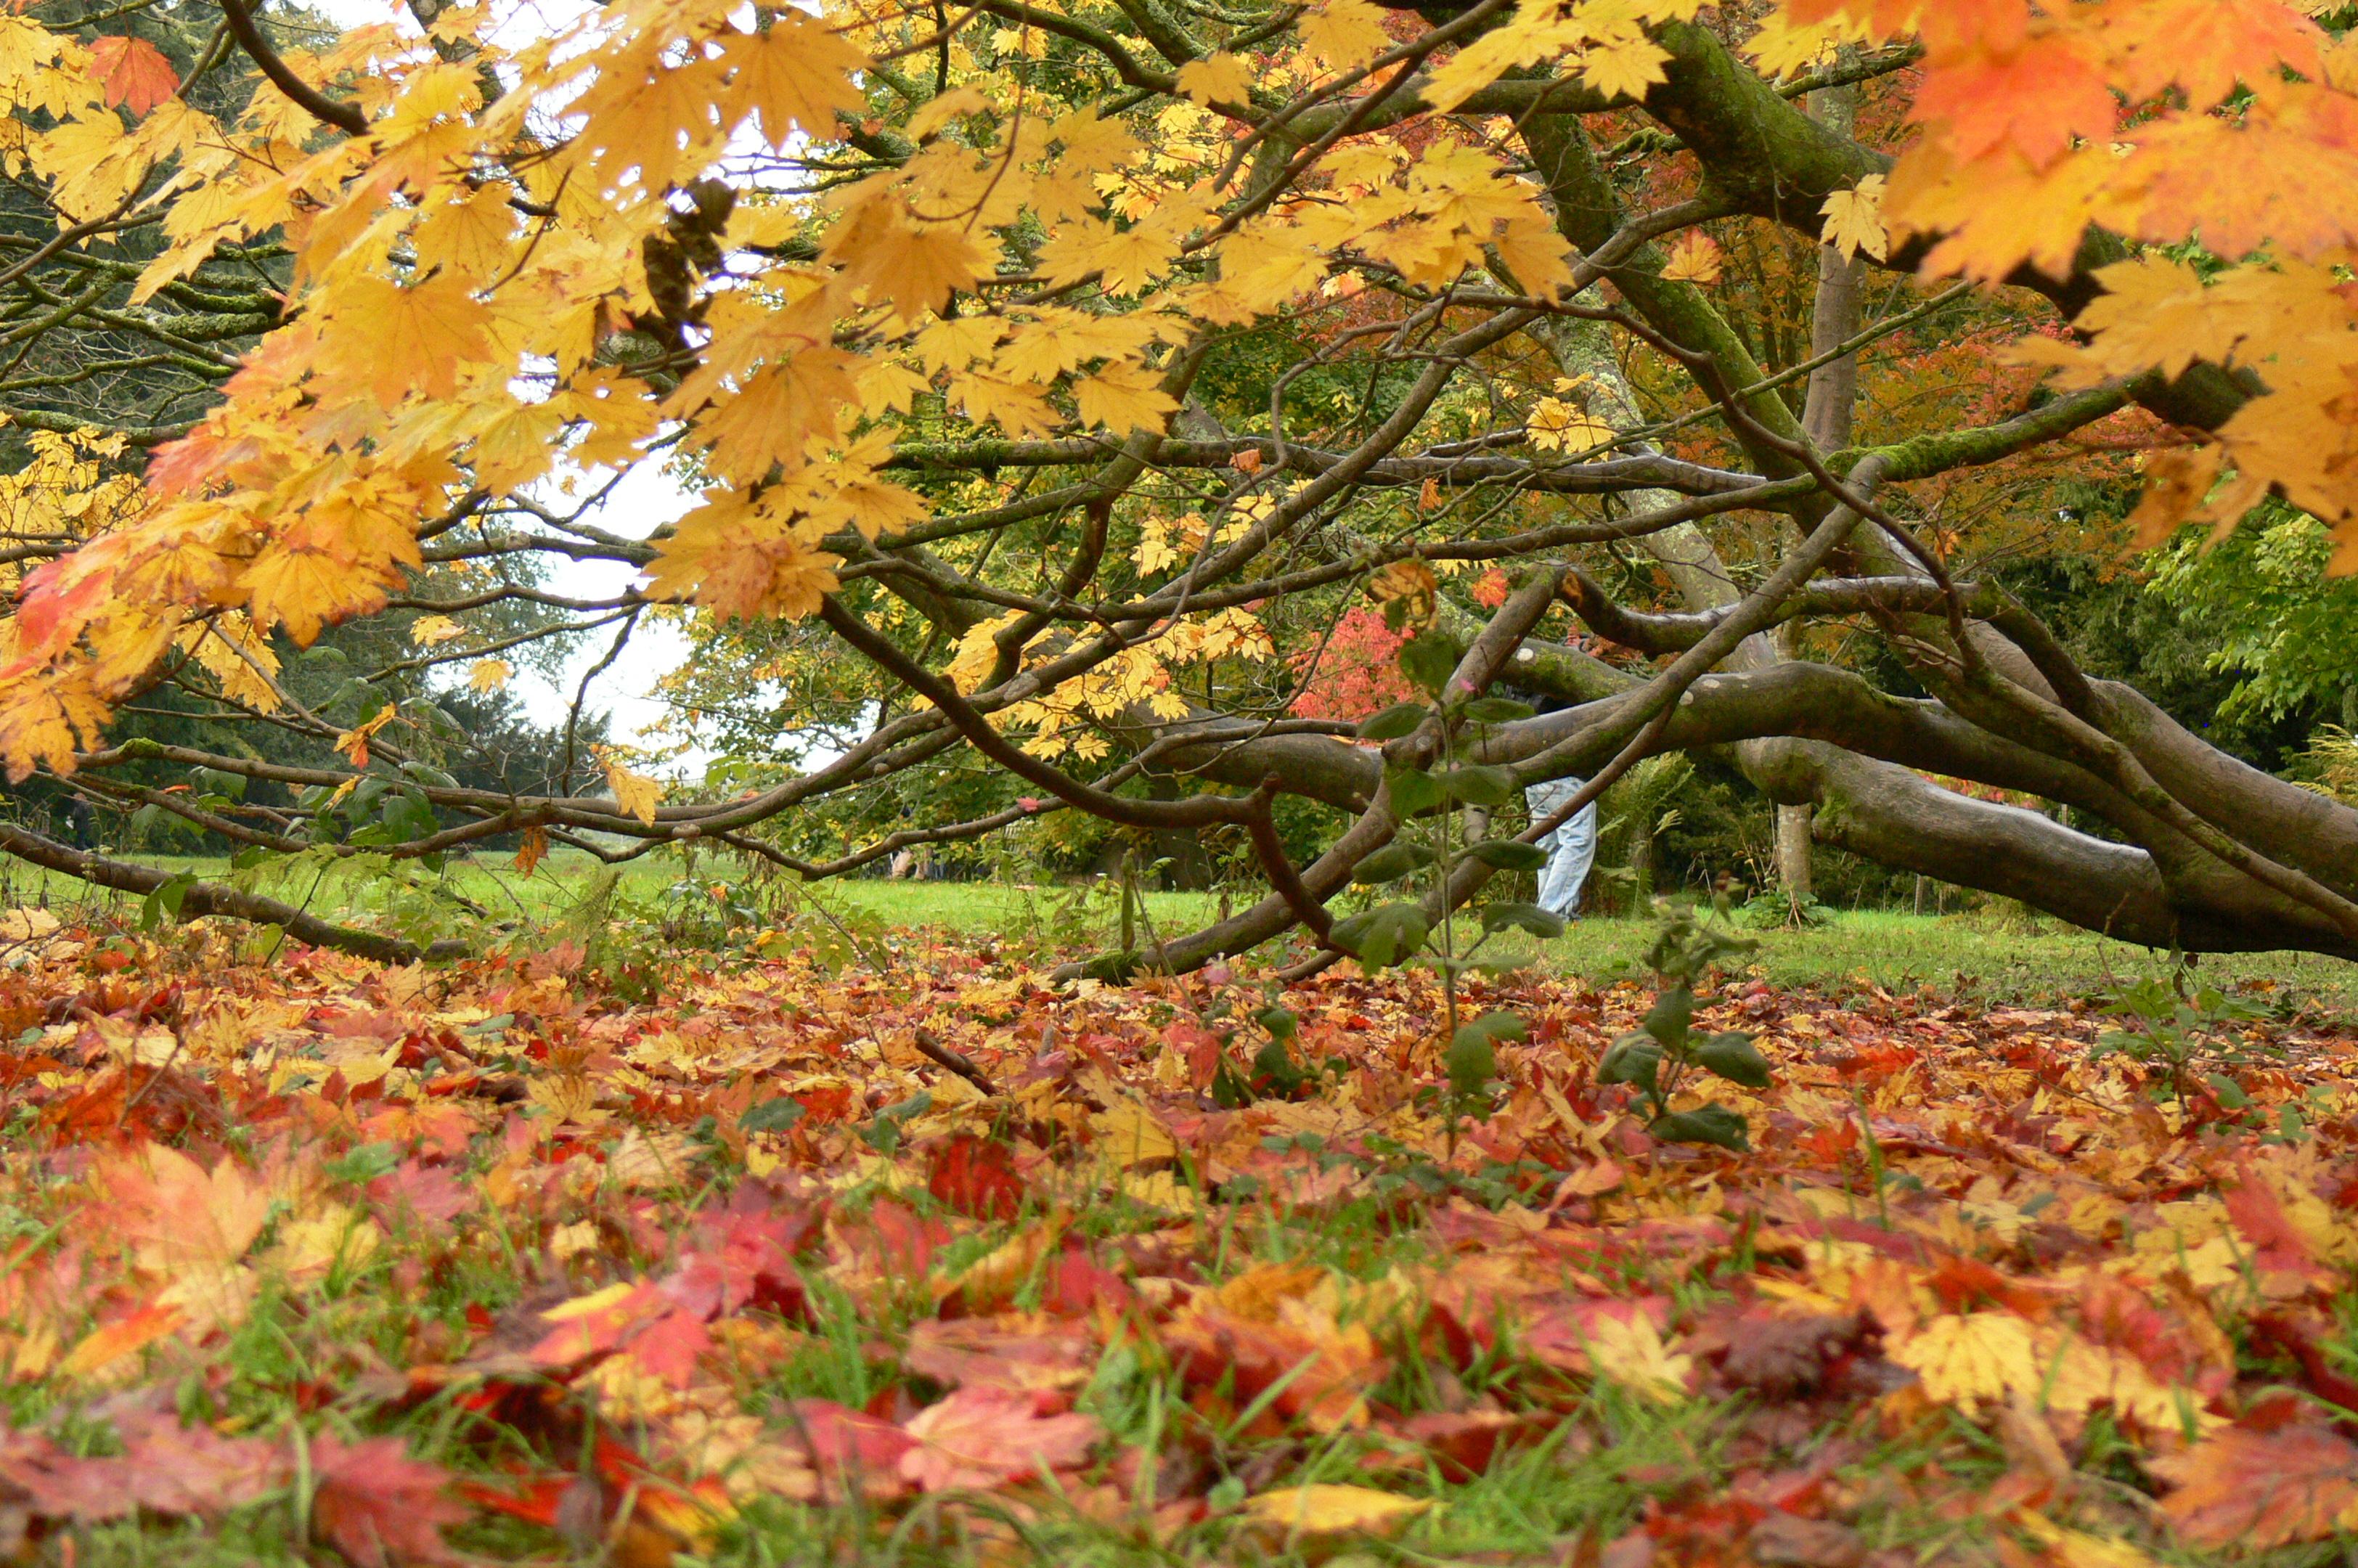 Westonbirt Arboretum | squarebluebox